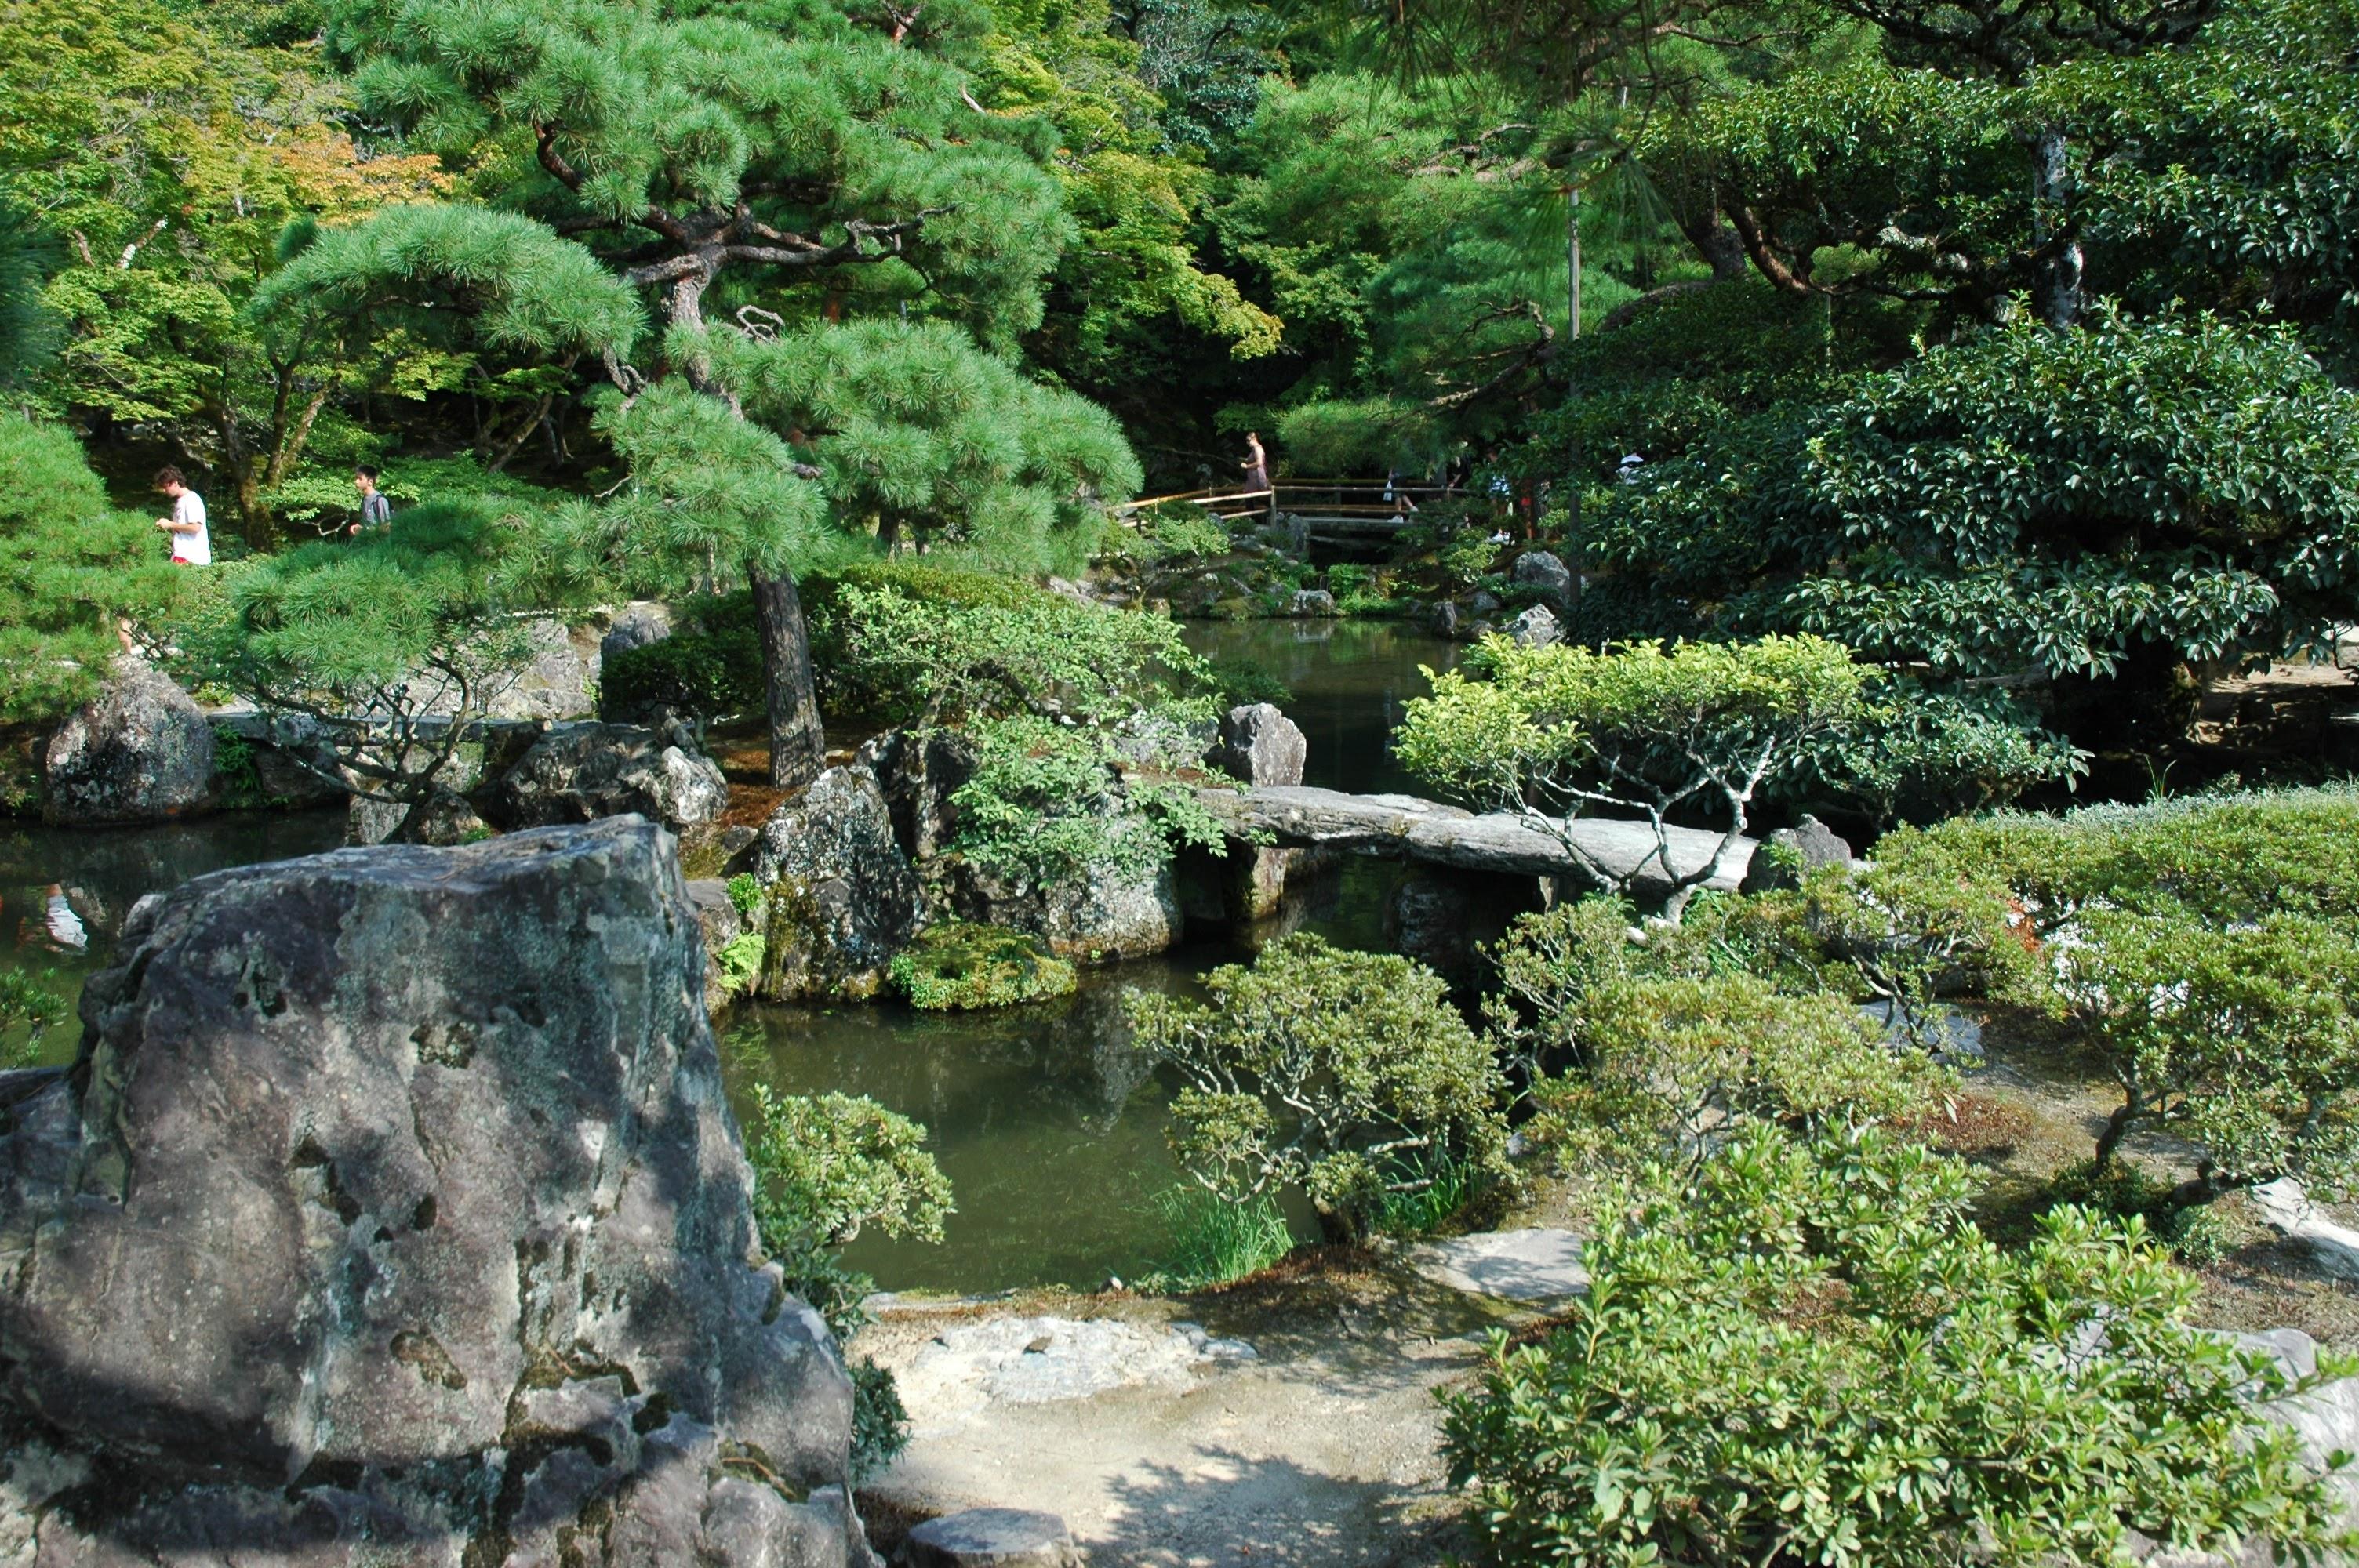 Silver temple garden